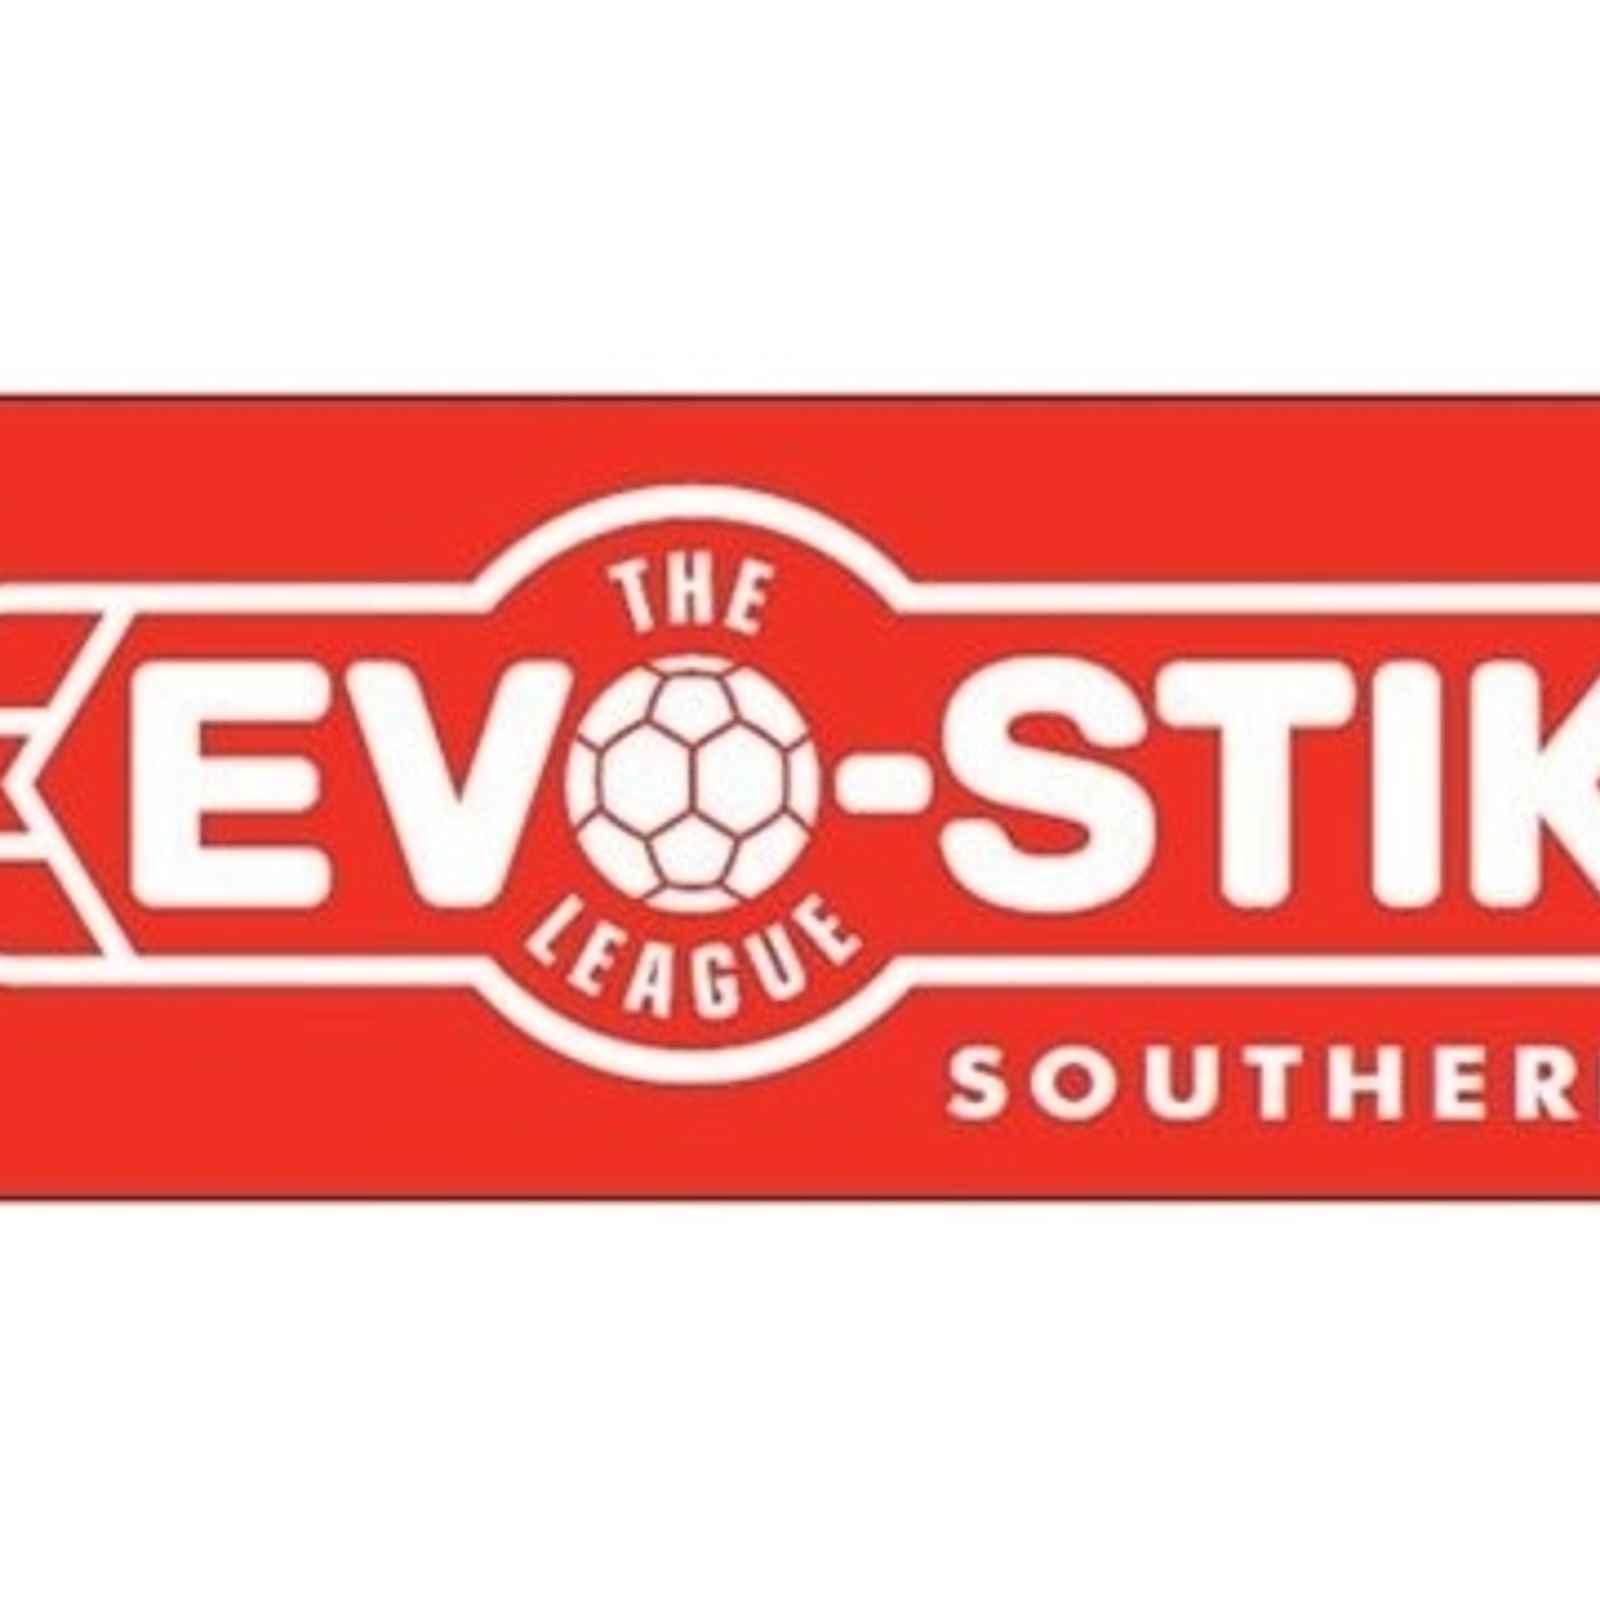 Southern League Premier Division 2016-17